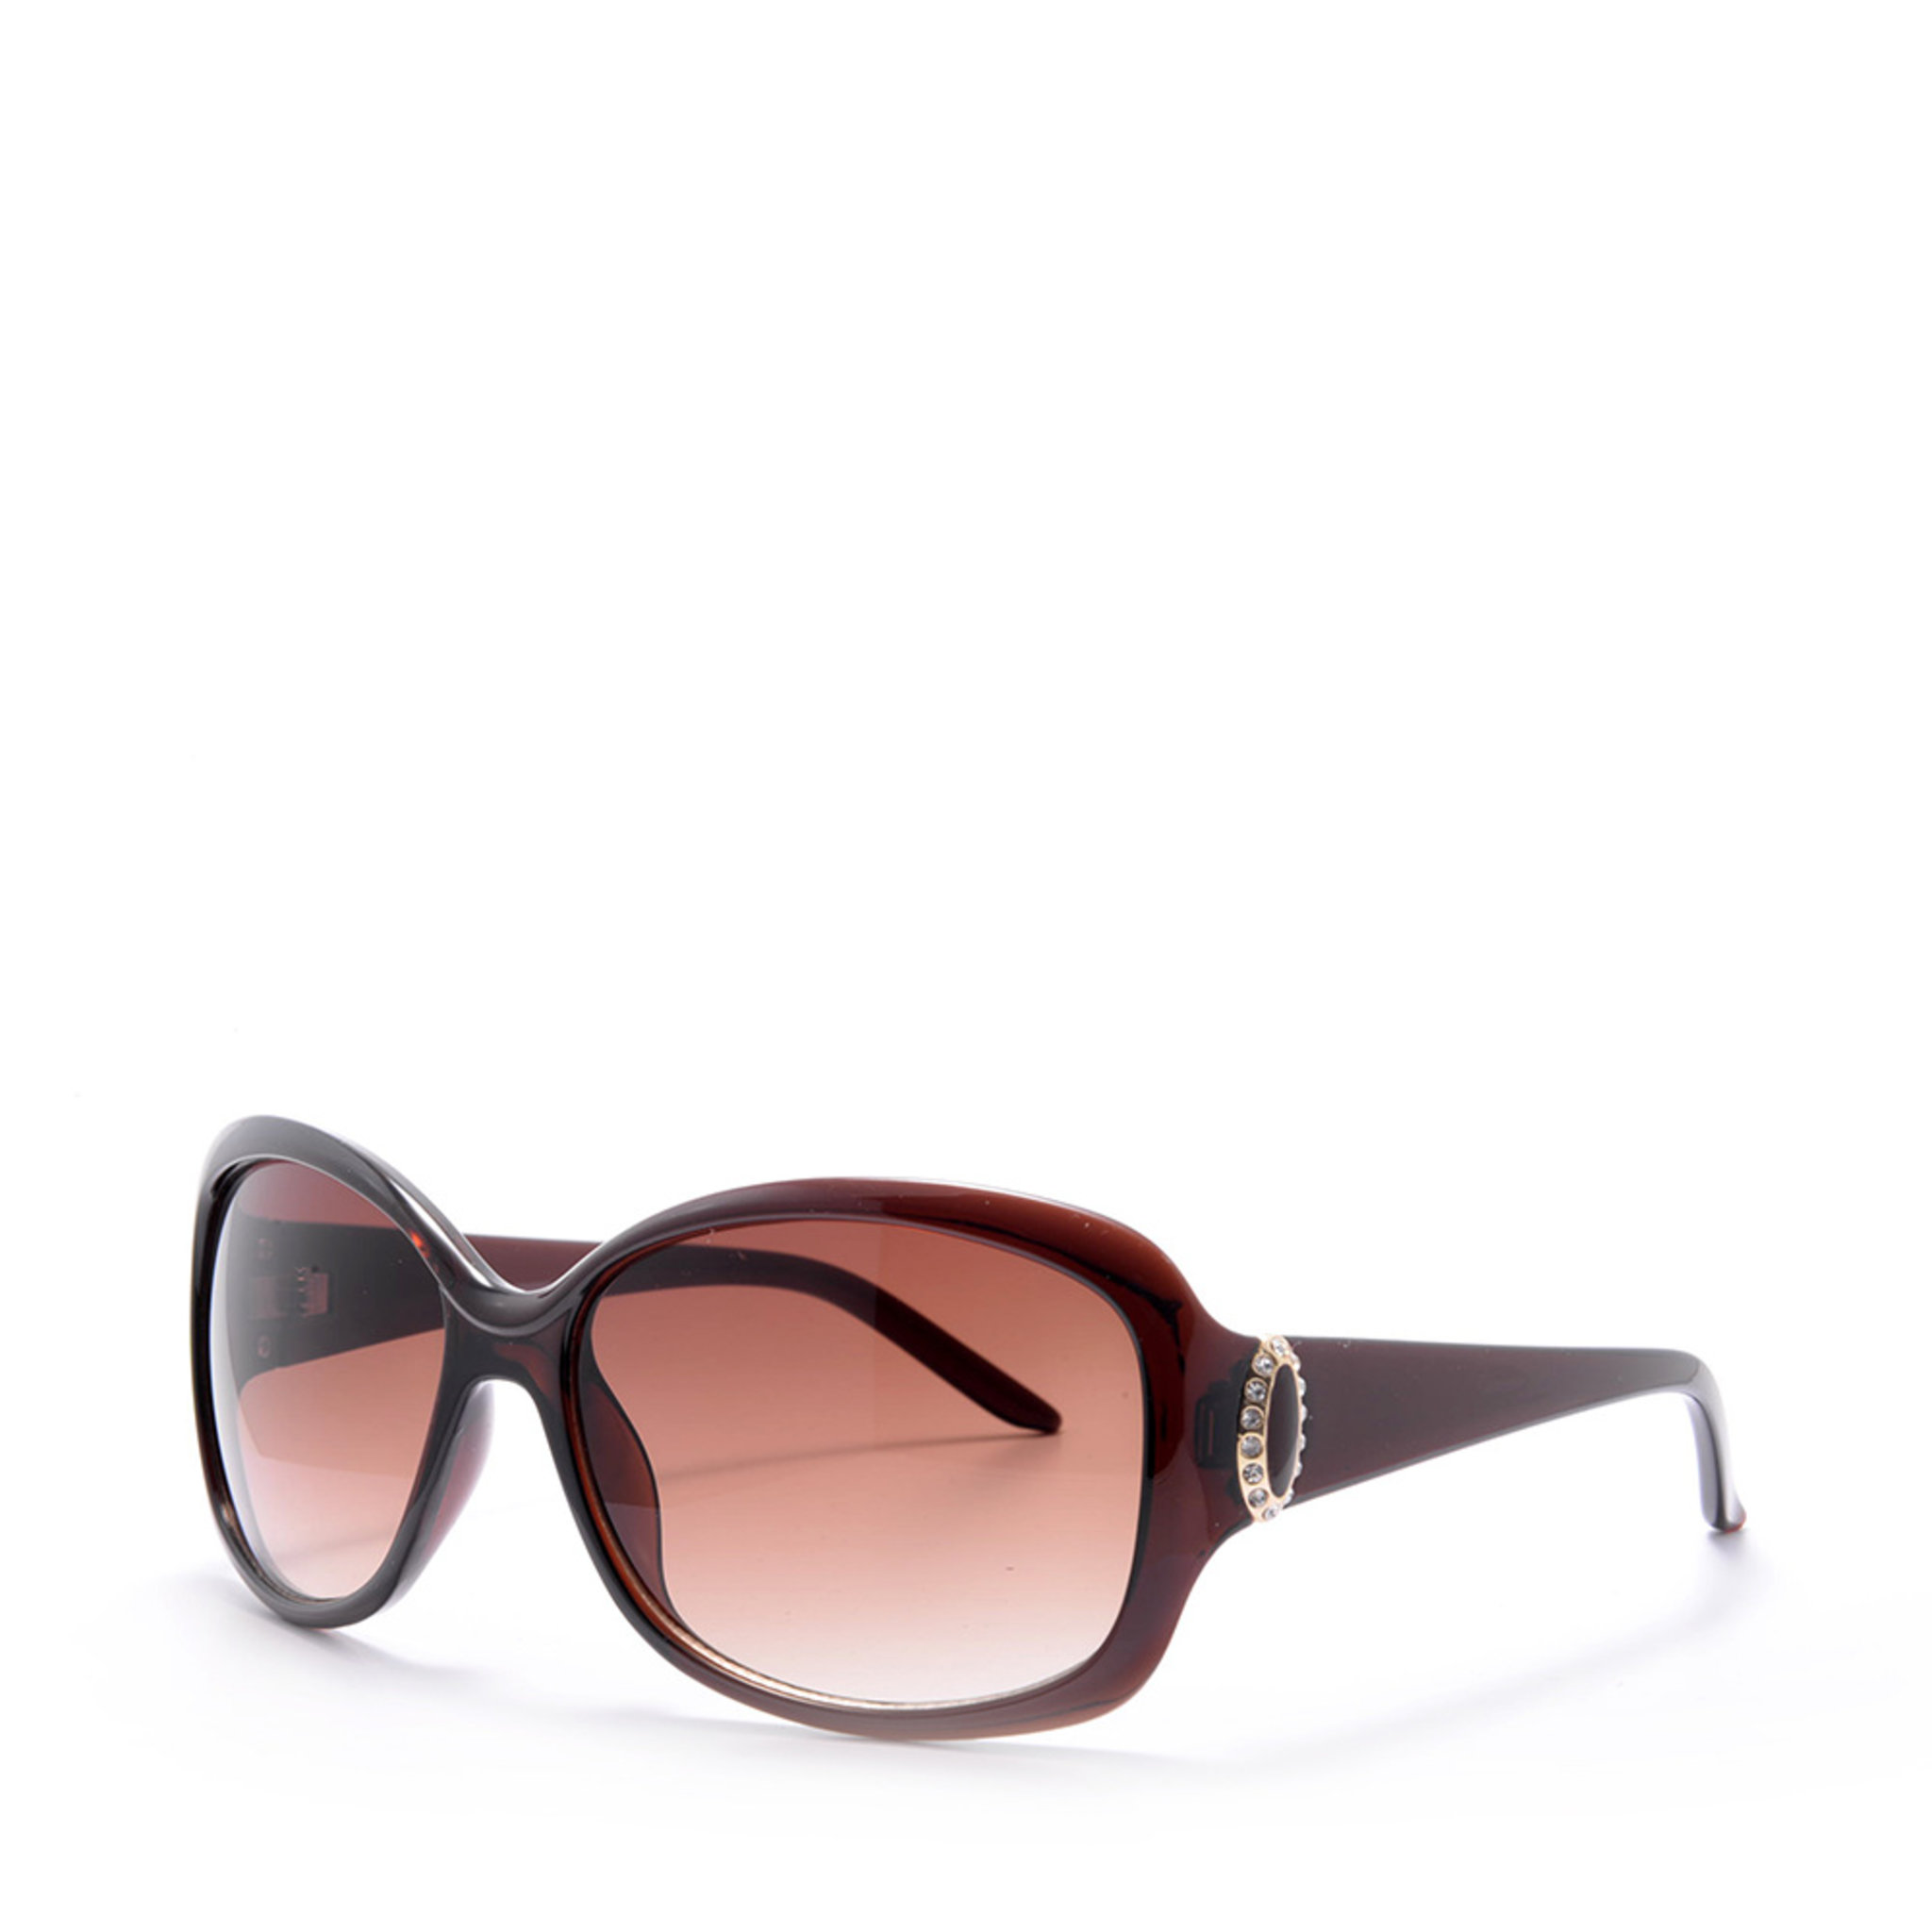 Solglasögon, Shiloh